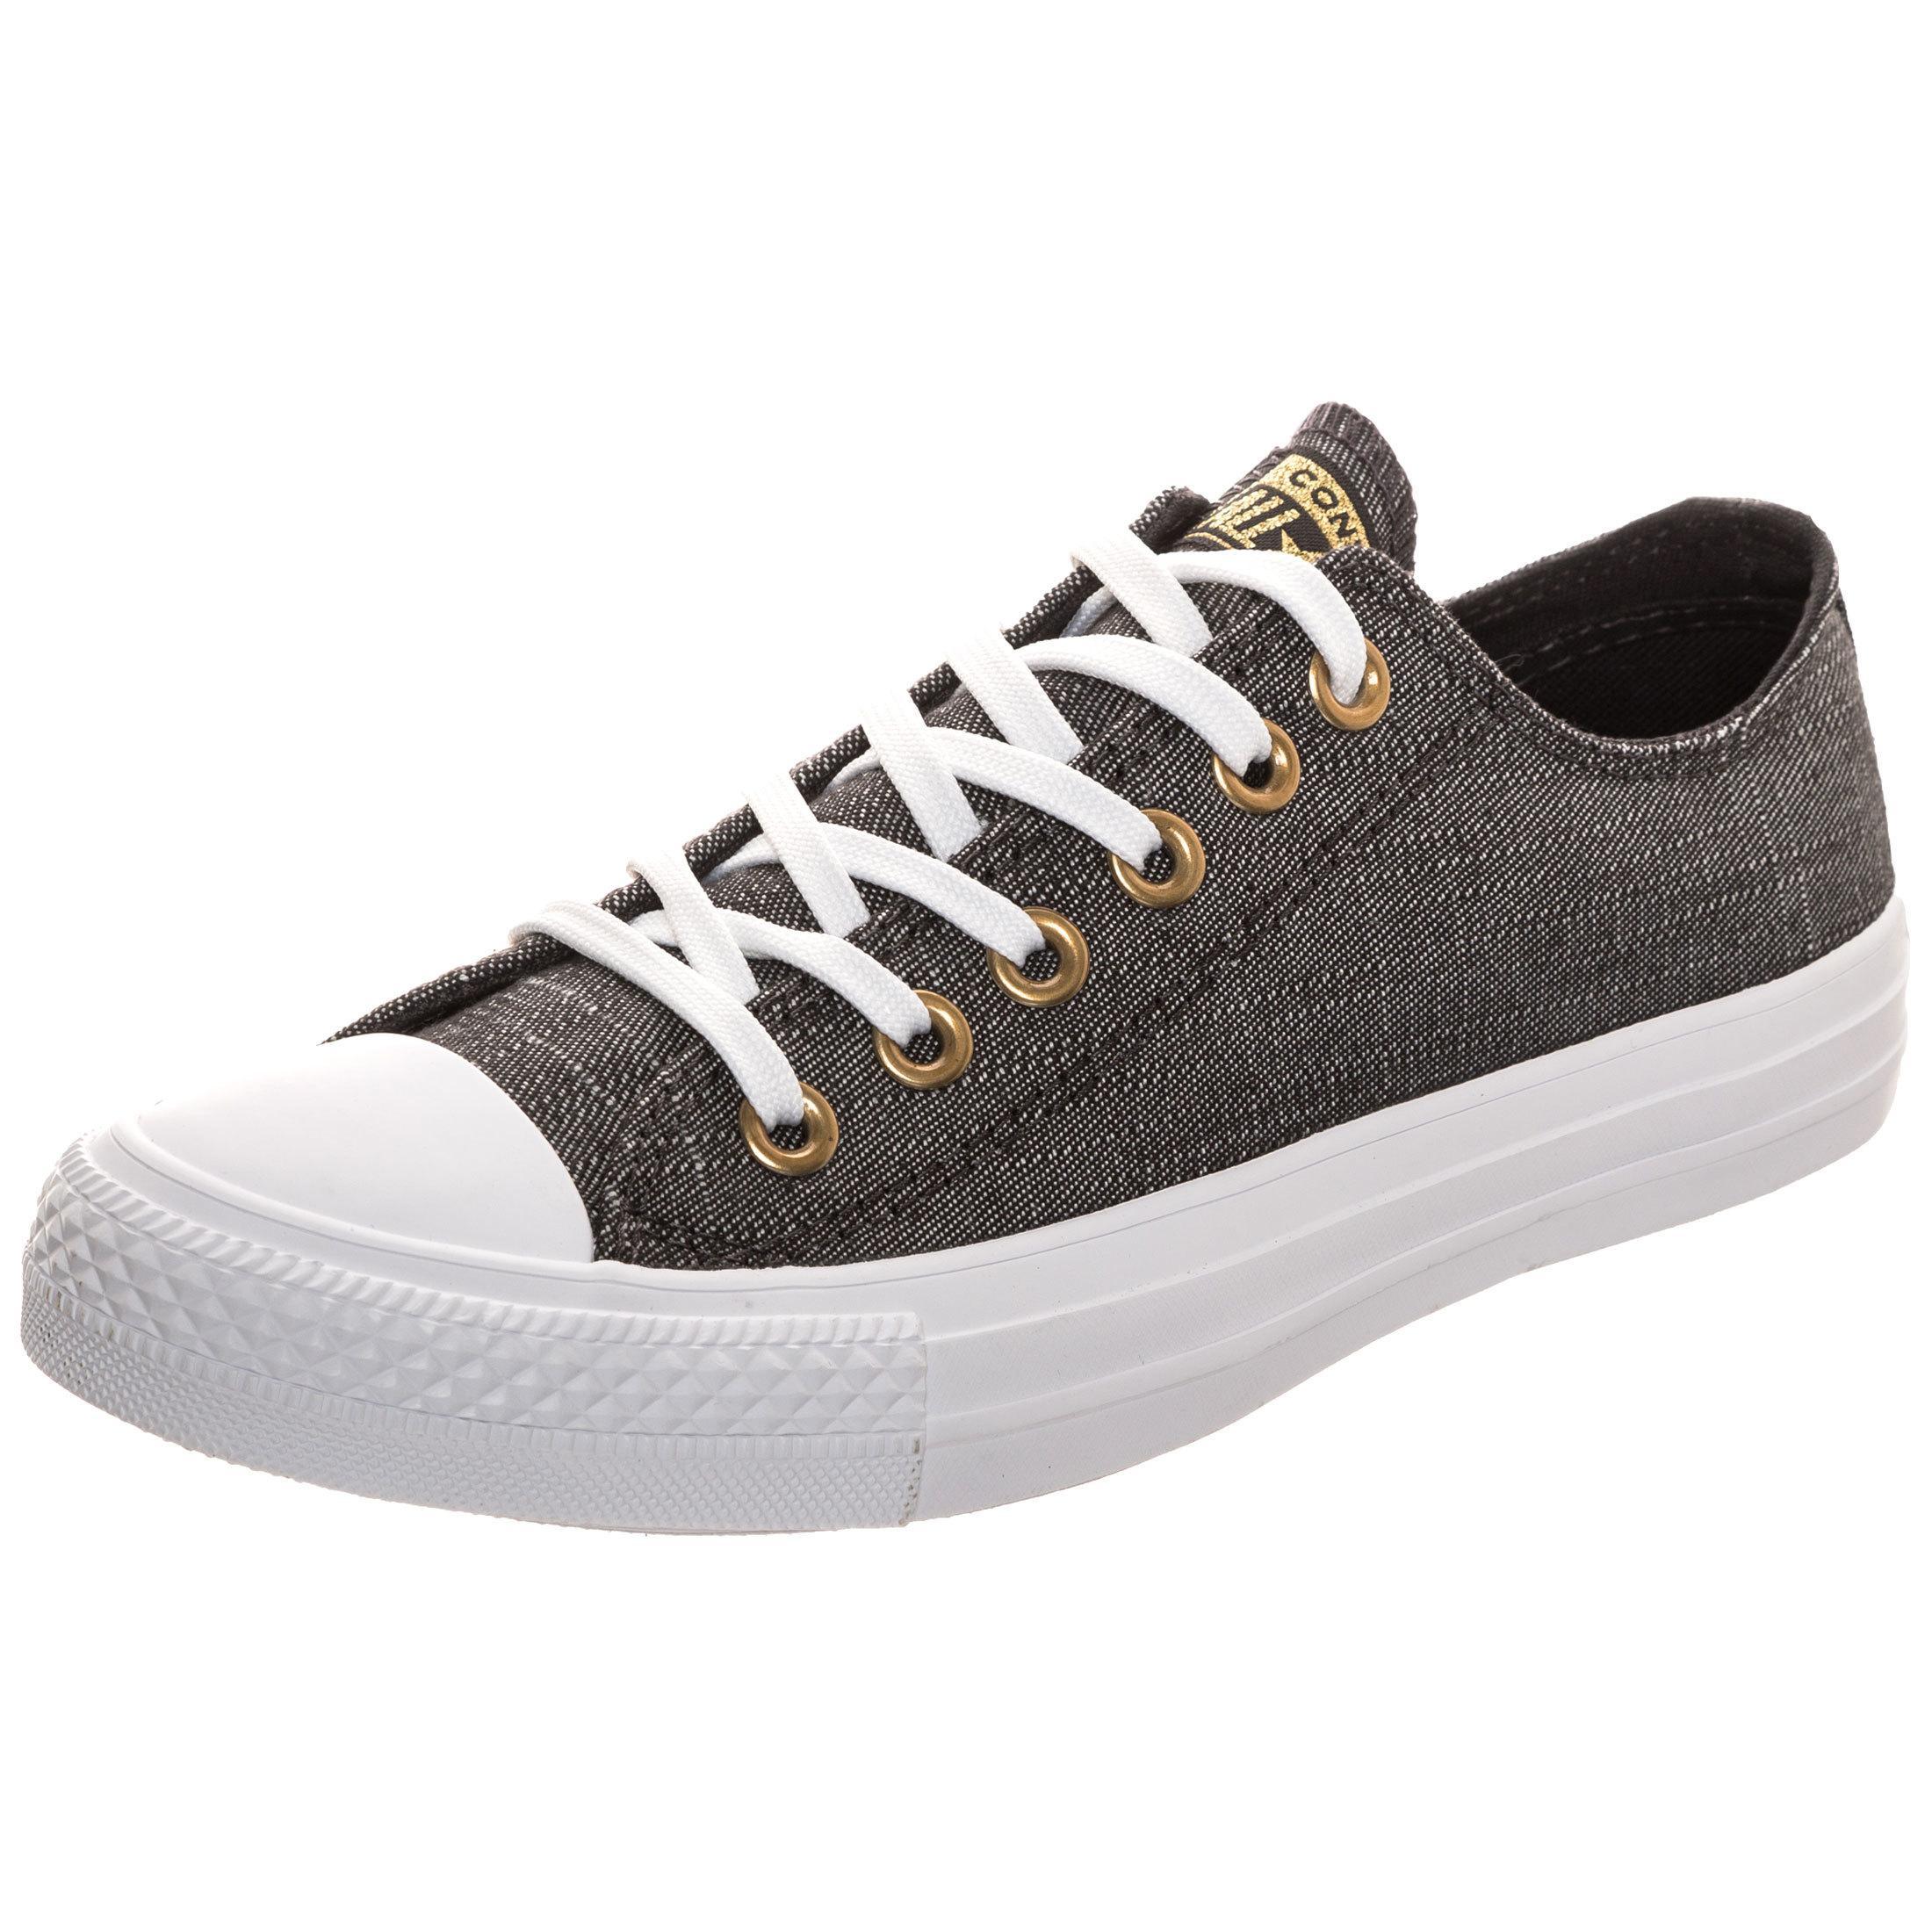 CONVERSE Chuck Taylor All Star Turnschuhe Damen schwarz / gold SportScheck im Online Shop von SportScheck gold kaufen Gute Qualität beliebte Schuhe 4ed409